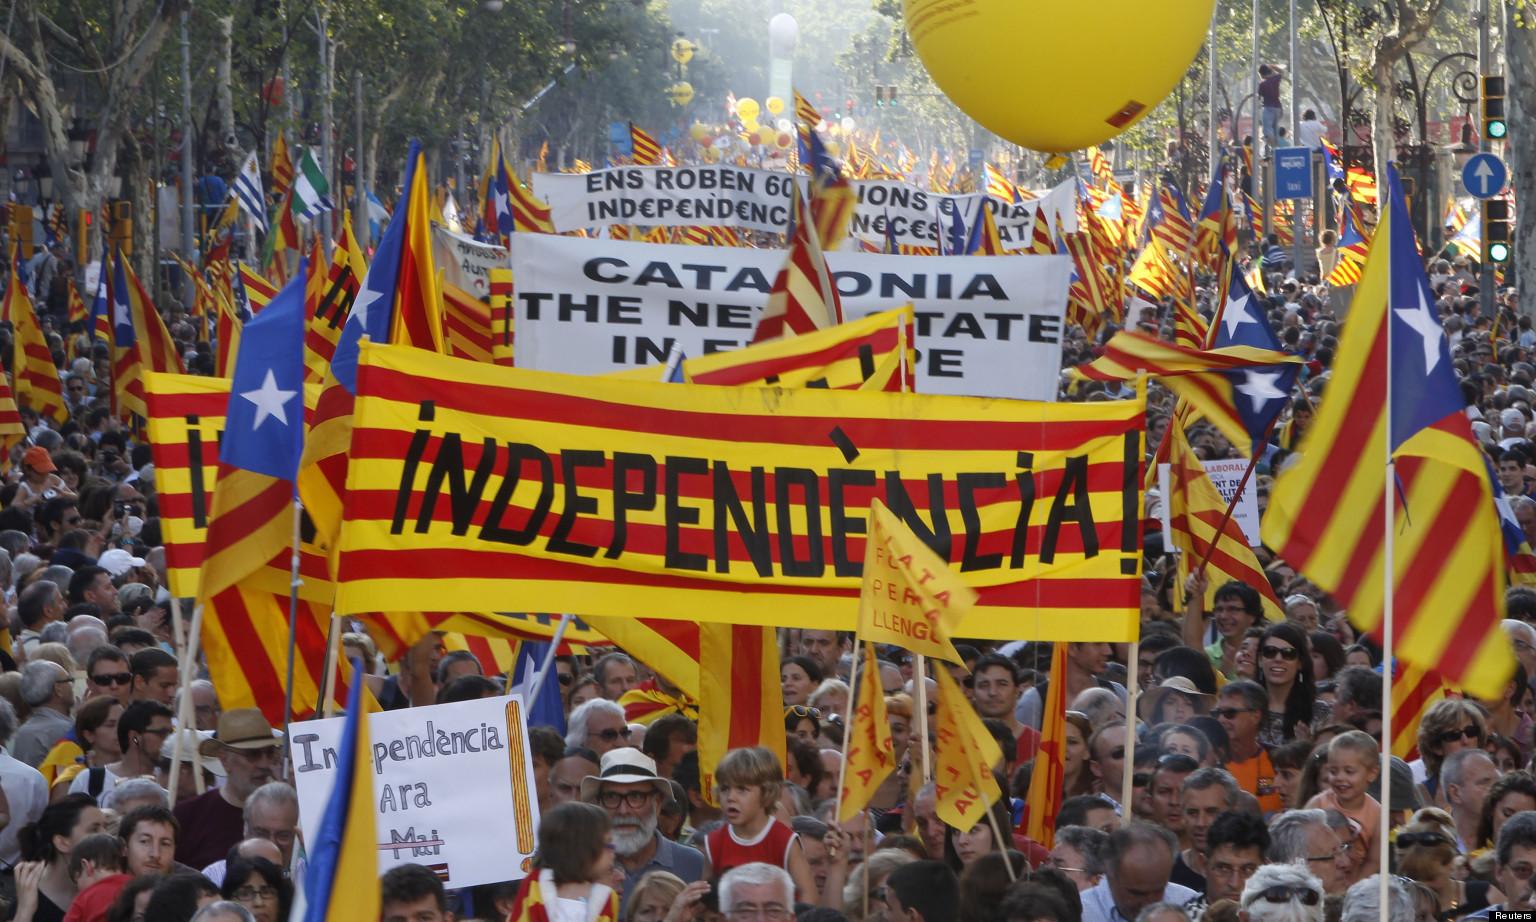 Manifestations à Barcelone pour l'indépendance catalane. Source : www.worldzine.fr